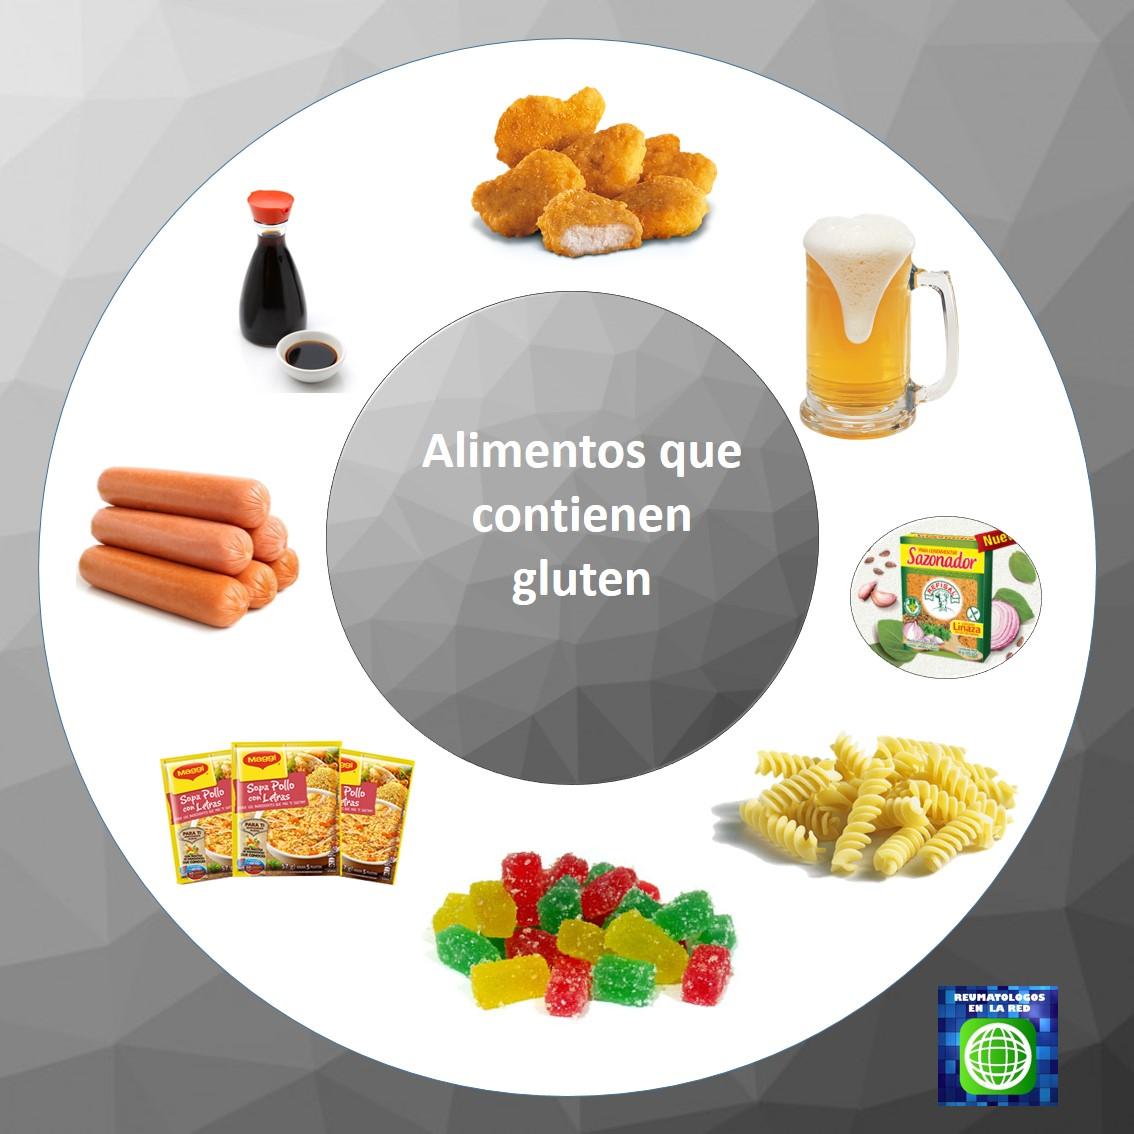 Reumatologos en la red intolerancia al gluten y enfermedades reumaticas - Alimentos ricos en gluten ...